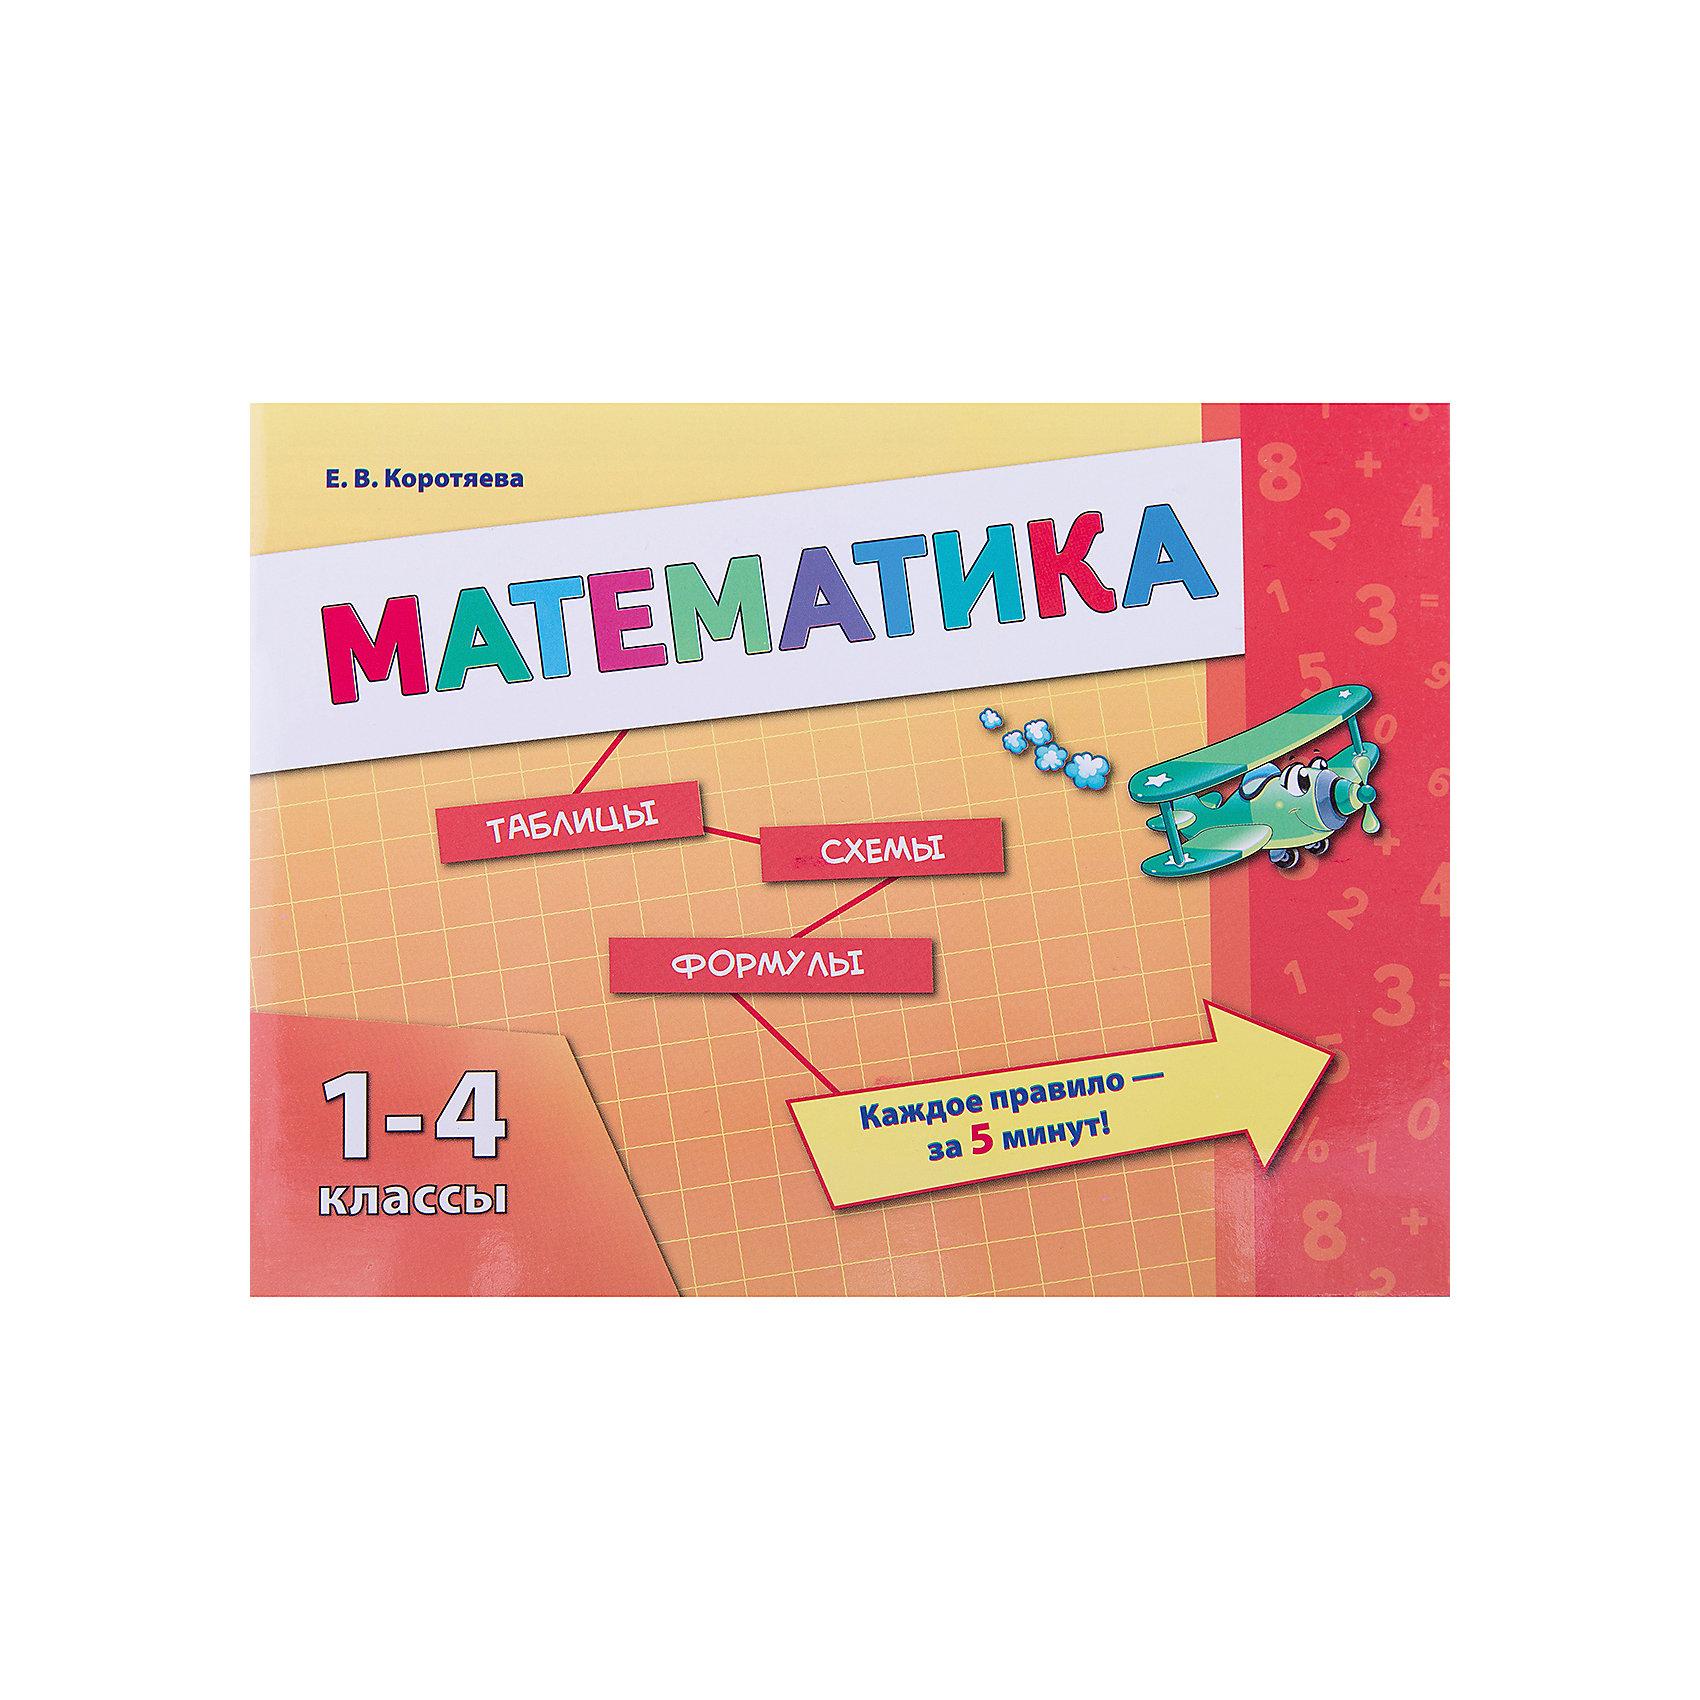 Математика 1-4 классы, Коротяева ЕВХрестоматии<br>Пособие по математике соответствует действующей учебной программе для начальной школы. Материал курса 1-4 классов чётко структурирован и представлен в удобном формате таблиц, схем и формул. Всё это обеспечивает возможность углубить знания по математике,получить дополнительную информацию и подготовиться к контрольным и самостоятельным работам.<br>Издание рассчитано на младших школьников, их родителей и учителей.<br><br>Ширина мм: 3<br>Глубина мм: 219<br>Высота мм: 164<br>Вес г: 98<br>Возраст от месяцев: 36<br>Возраст до месяцев: 2147483647<br>Пол: Унисекс<br>Возраст: Детский<br>SKU: 7081252